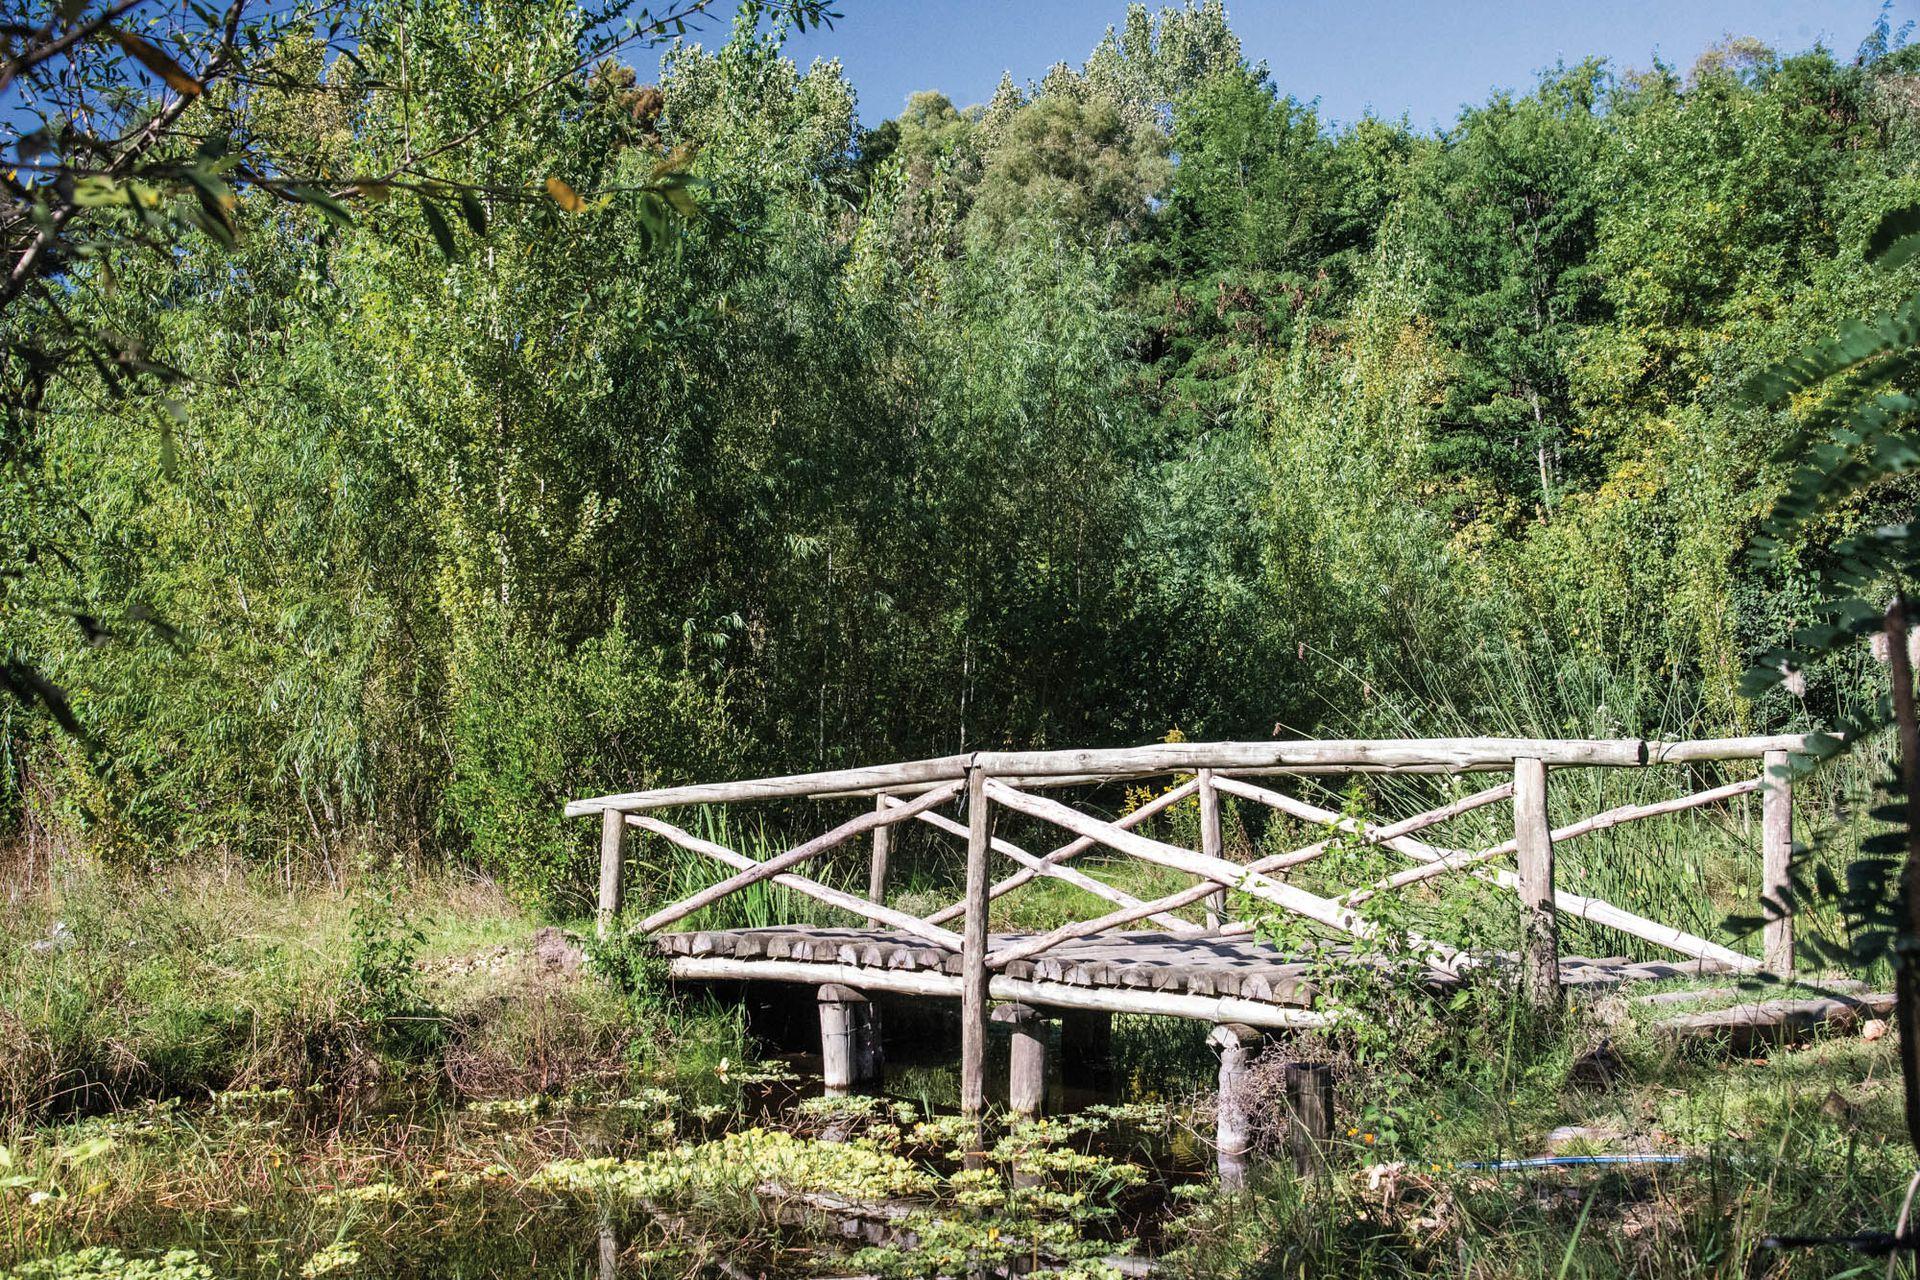 La Reserva Natural Municipal Los Robles, de Moreno, fue fundada en 1989 mediante una ordenanza para promover la educación ambiental, el turismo y la recreación.